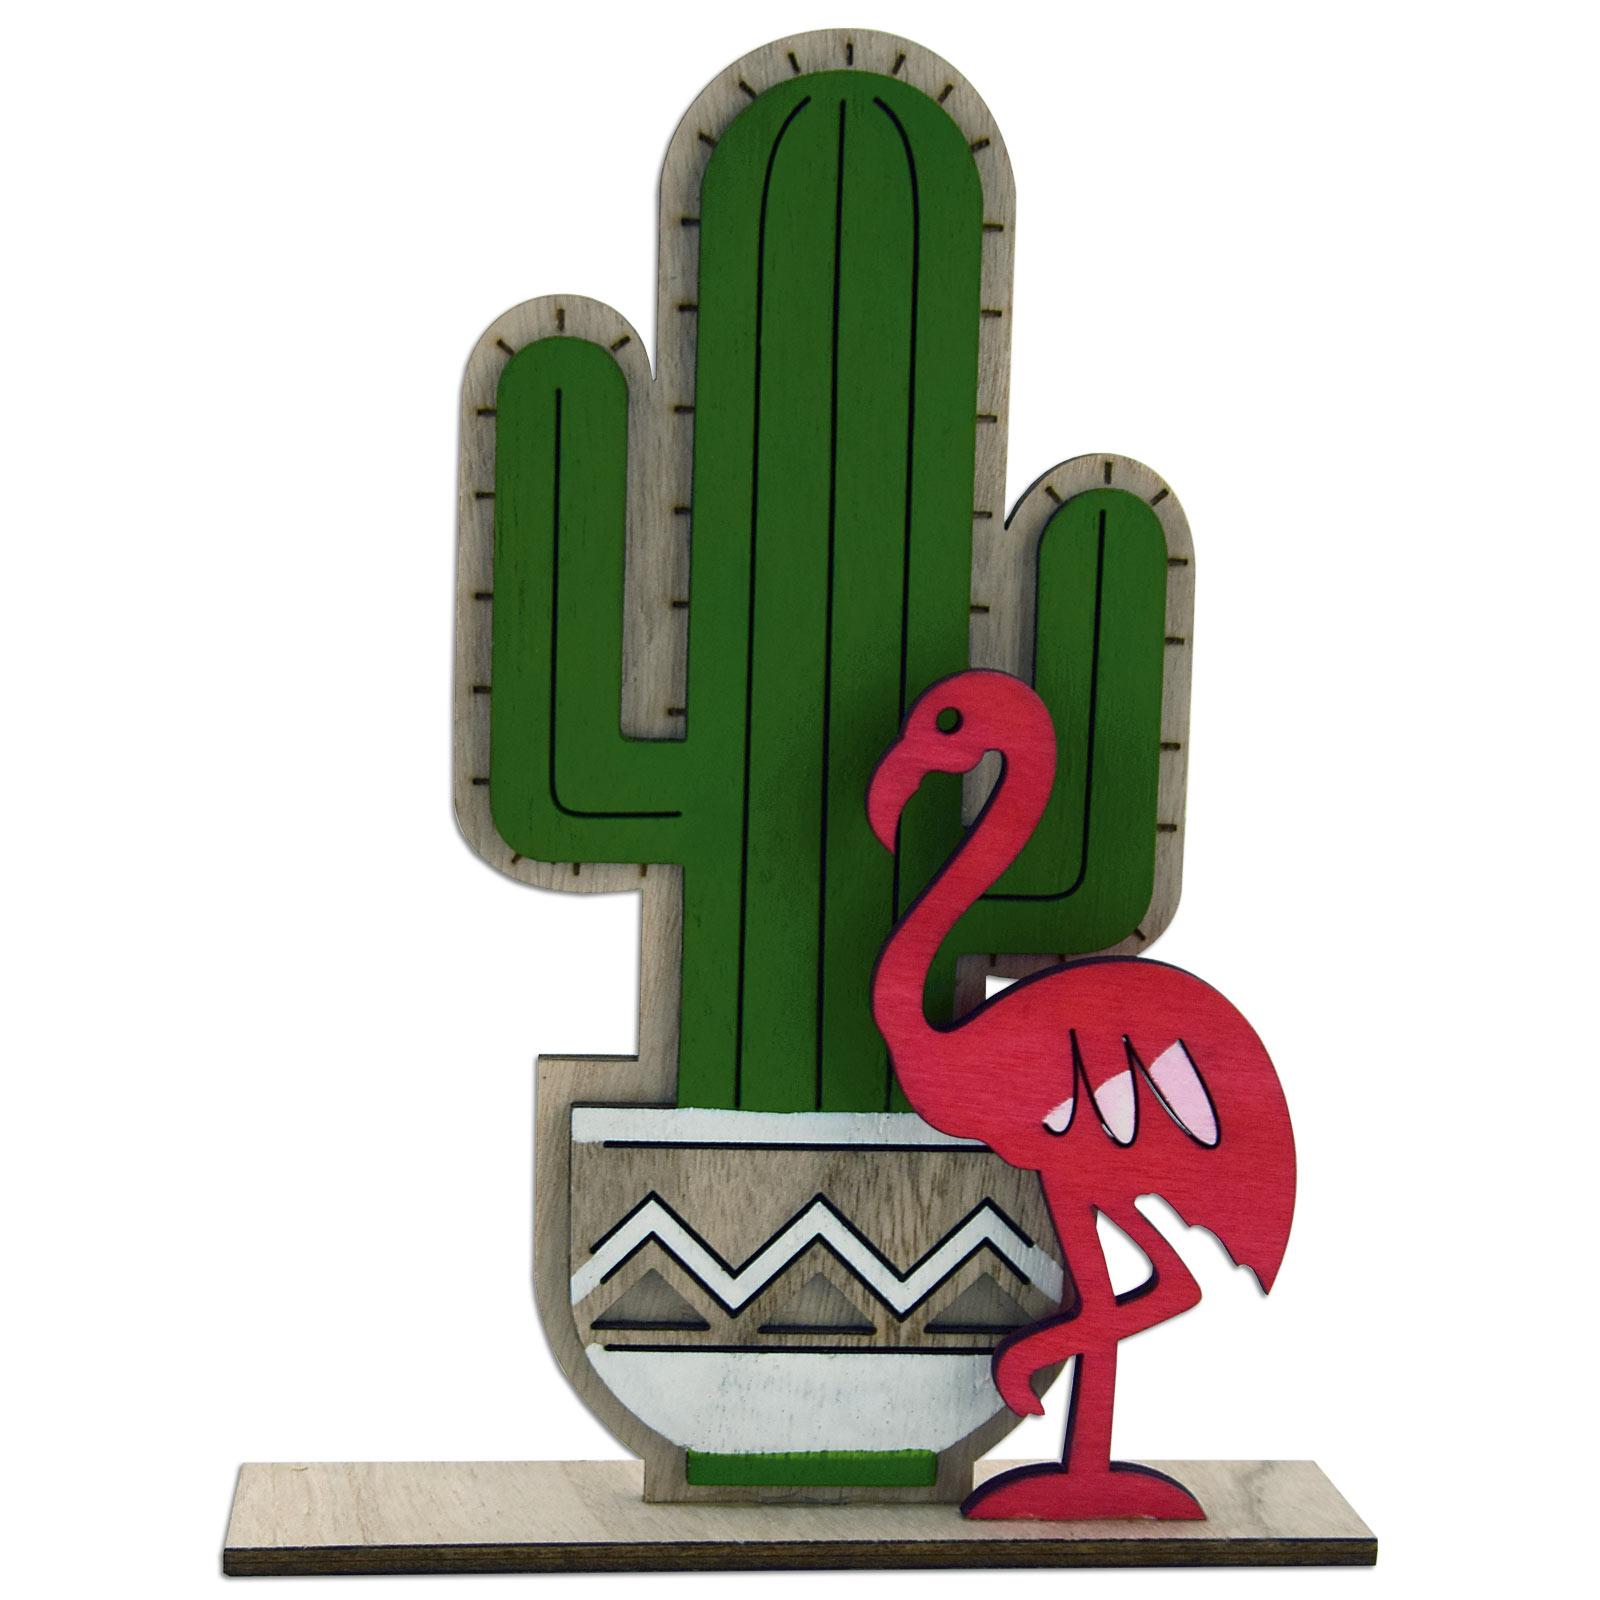 Dekofigur Kaktus mit Flamingo grün-pink 23,5 cm hoch Holz